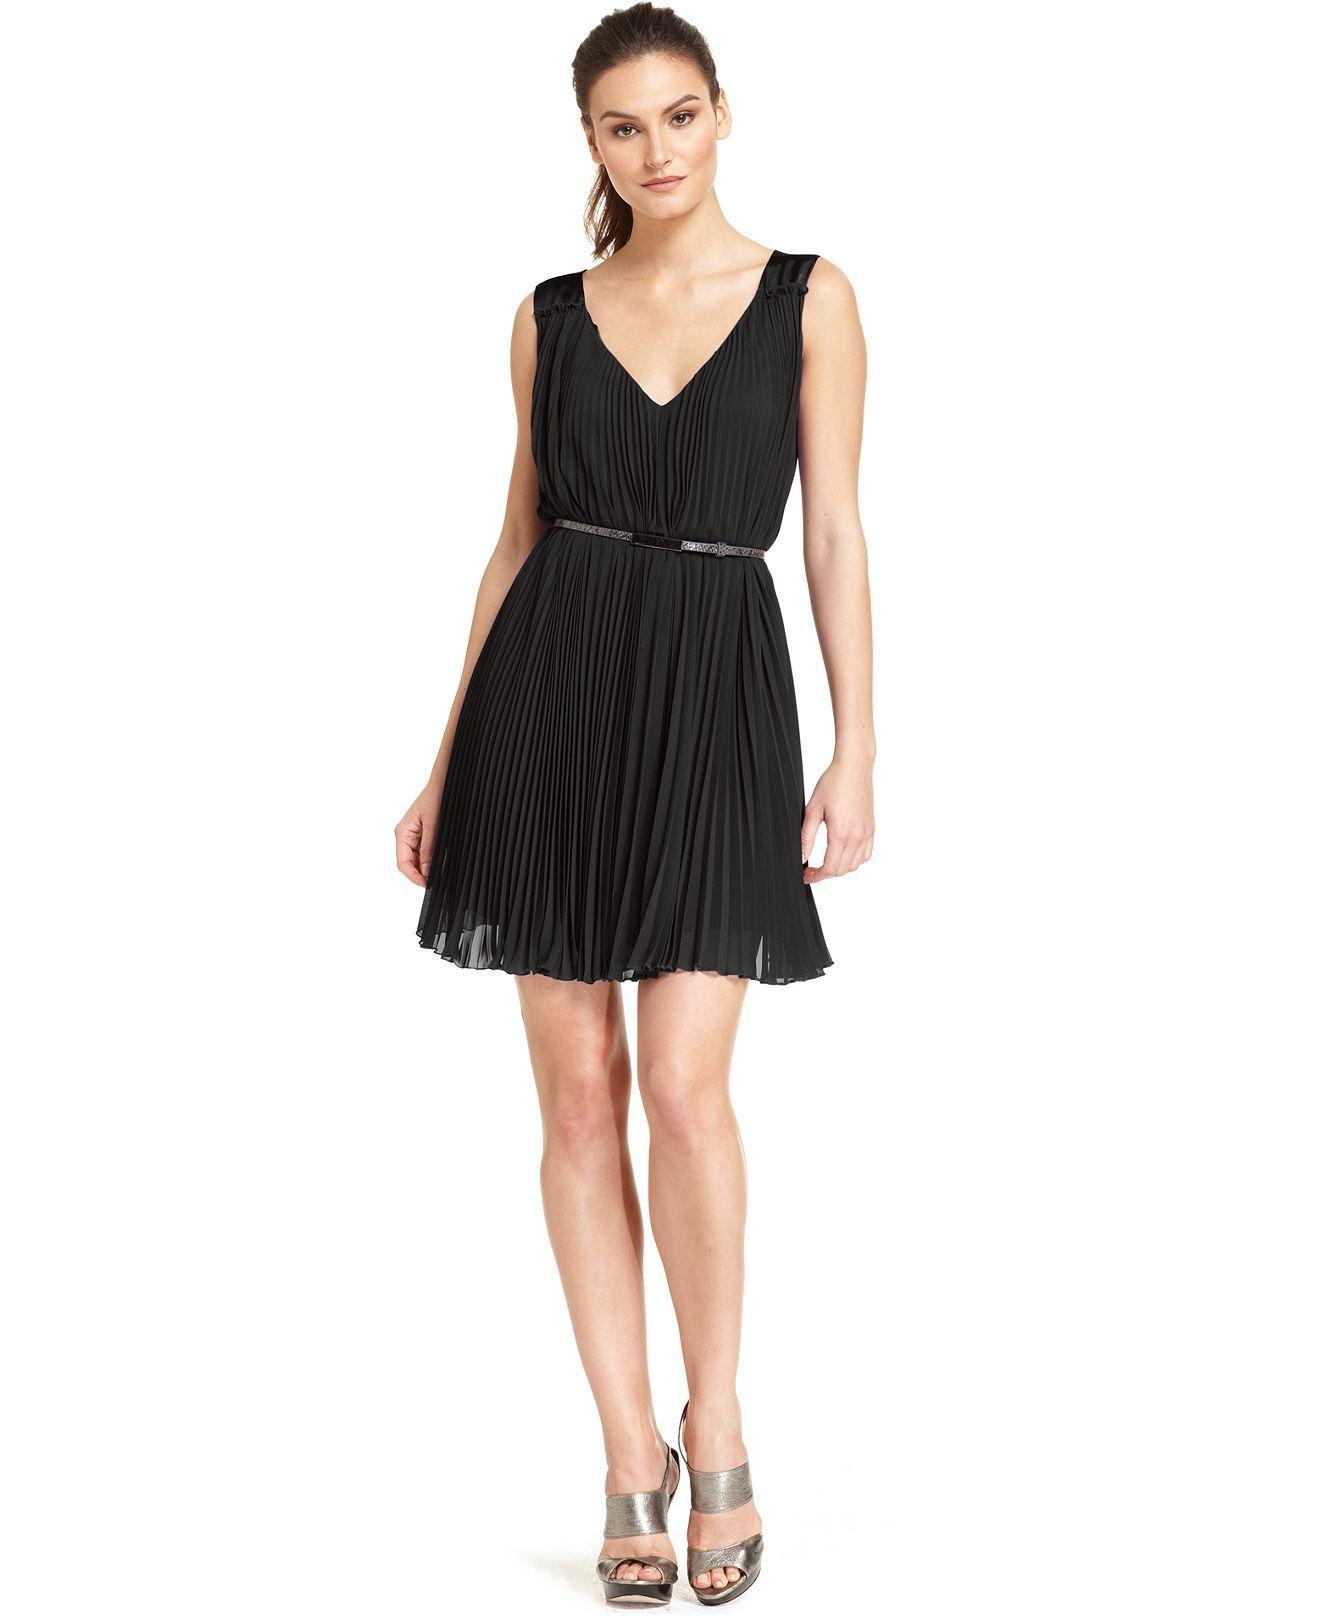 87826a7553 Nine West Dress